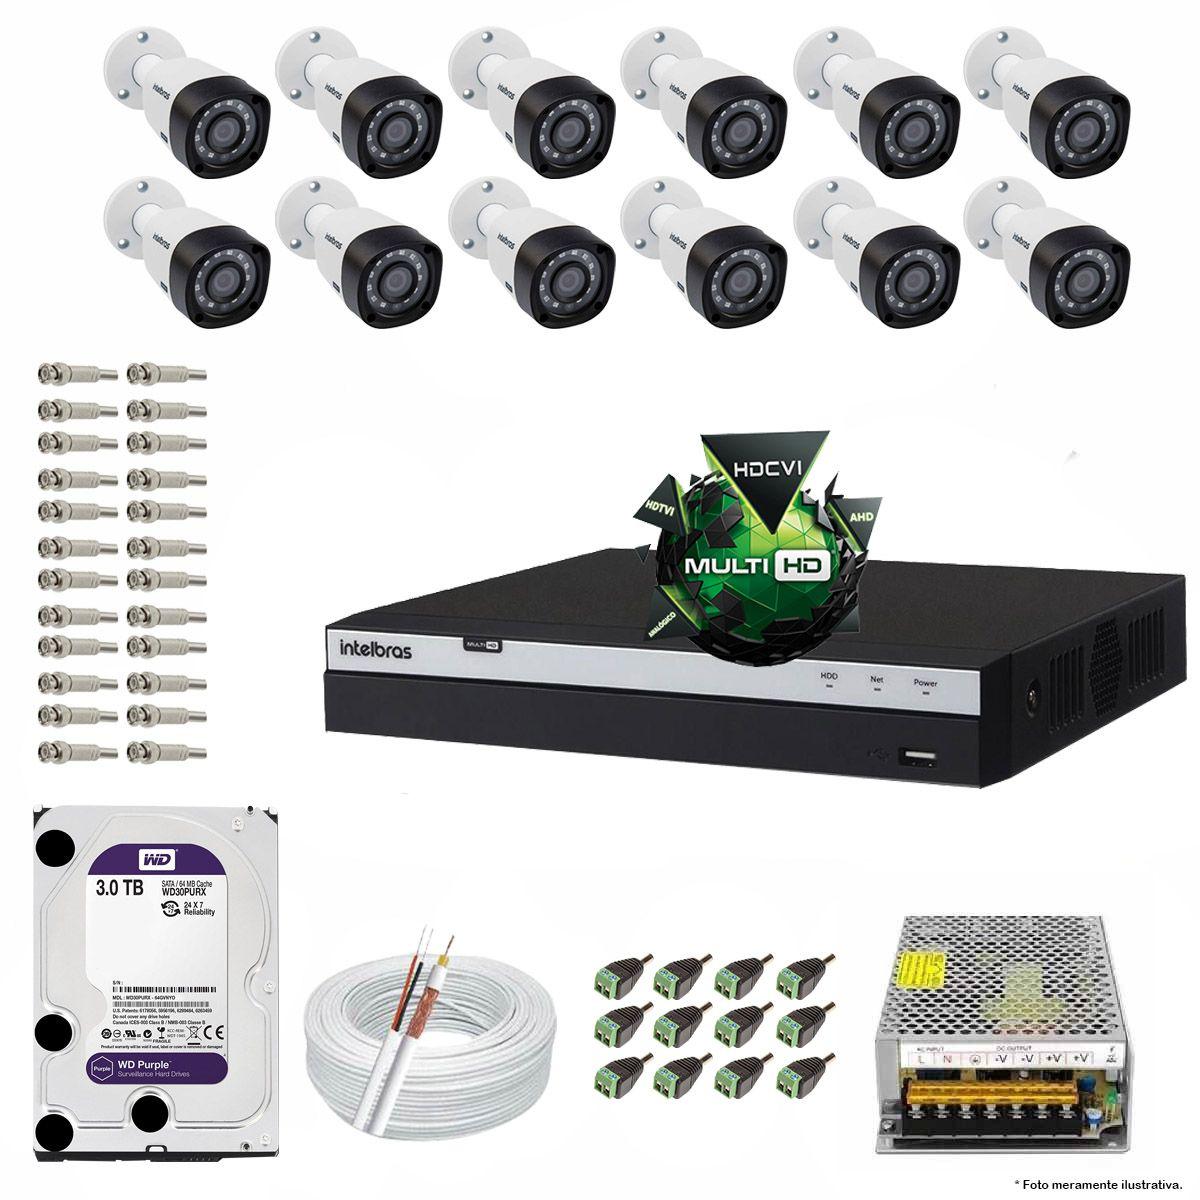 Kit Cftv 12 Câmeras Vhd 1220B 1080P 3,6Mm Dvr Intelbras Mhdx 3116 + Hd 3Tb Wdp